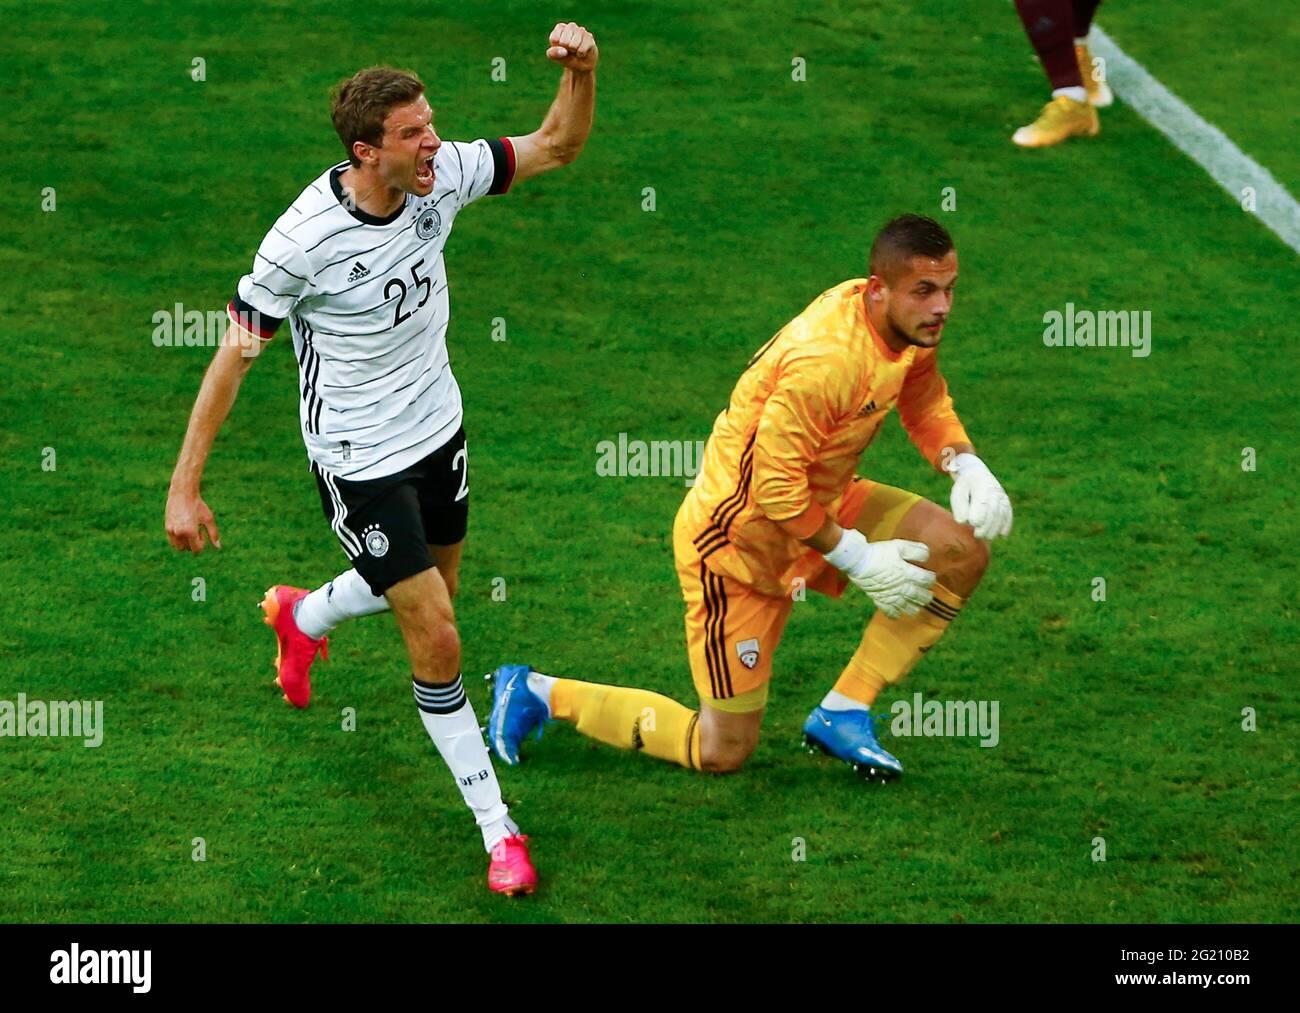 Duesseldorf, Germany. 20th June, 20. Football European ...